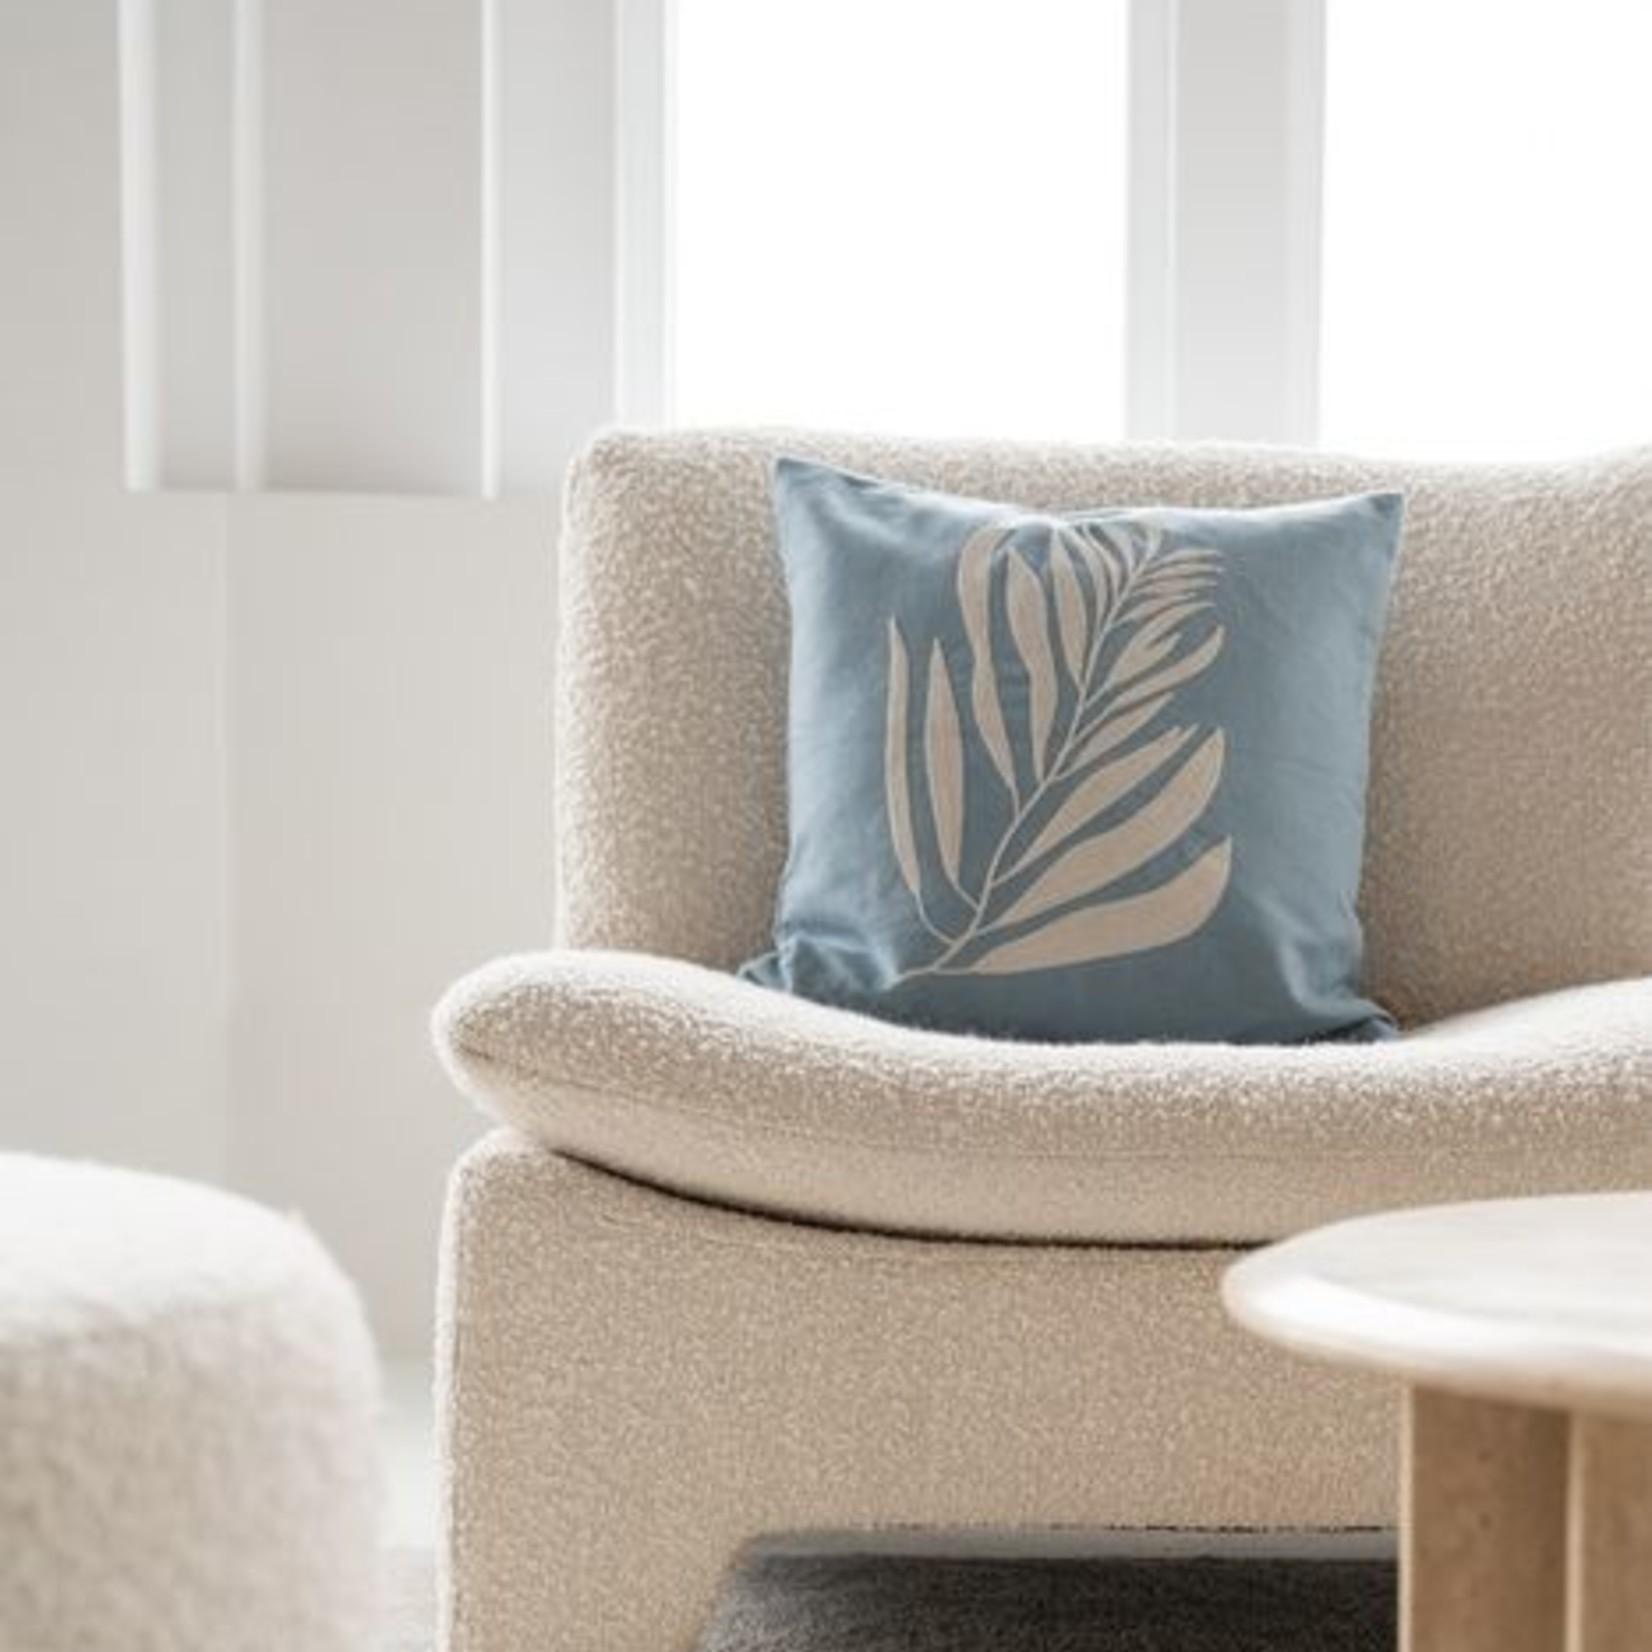 Kussen takje 45x45cm grijs-blauw Zusss